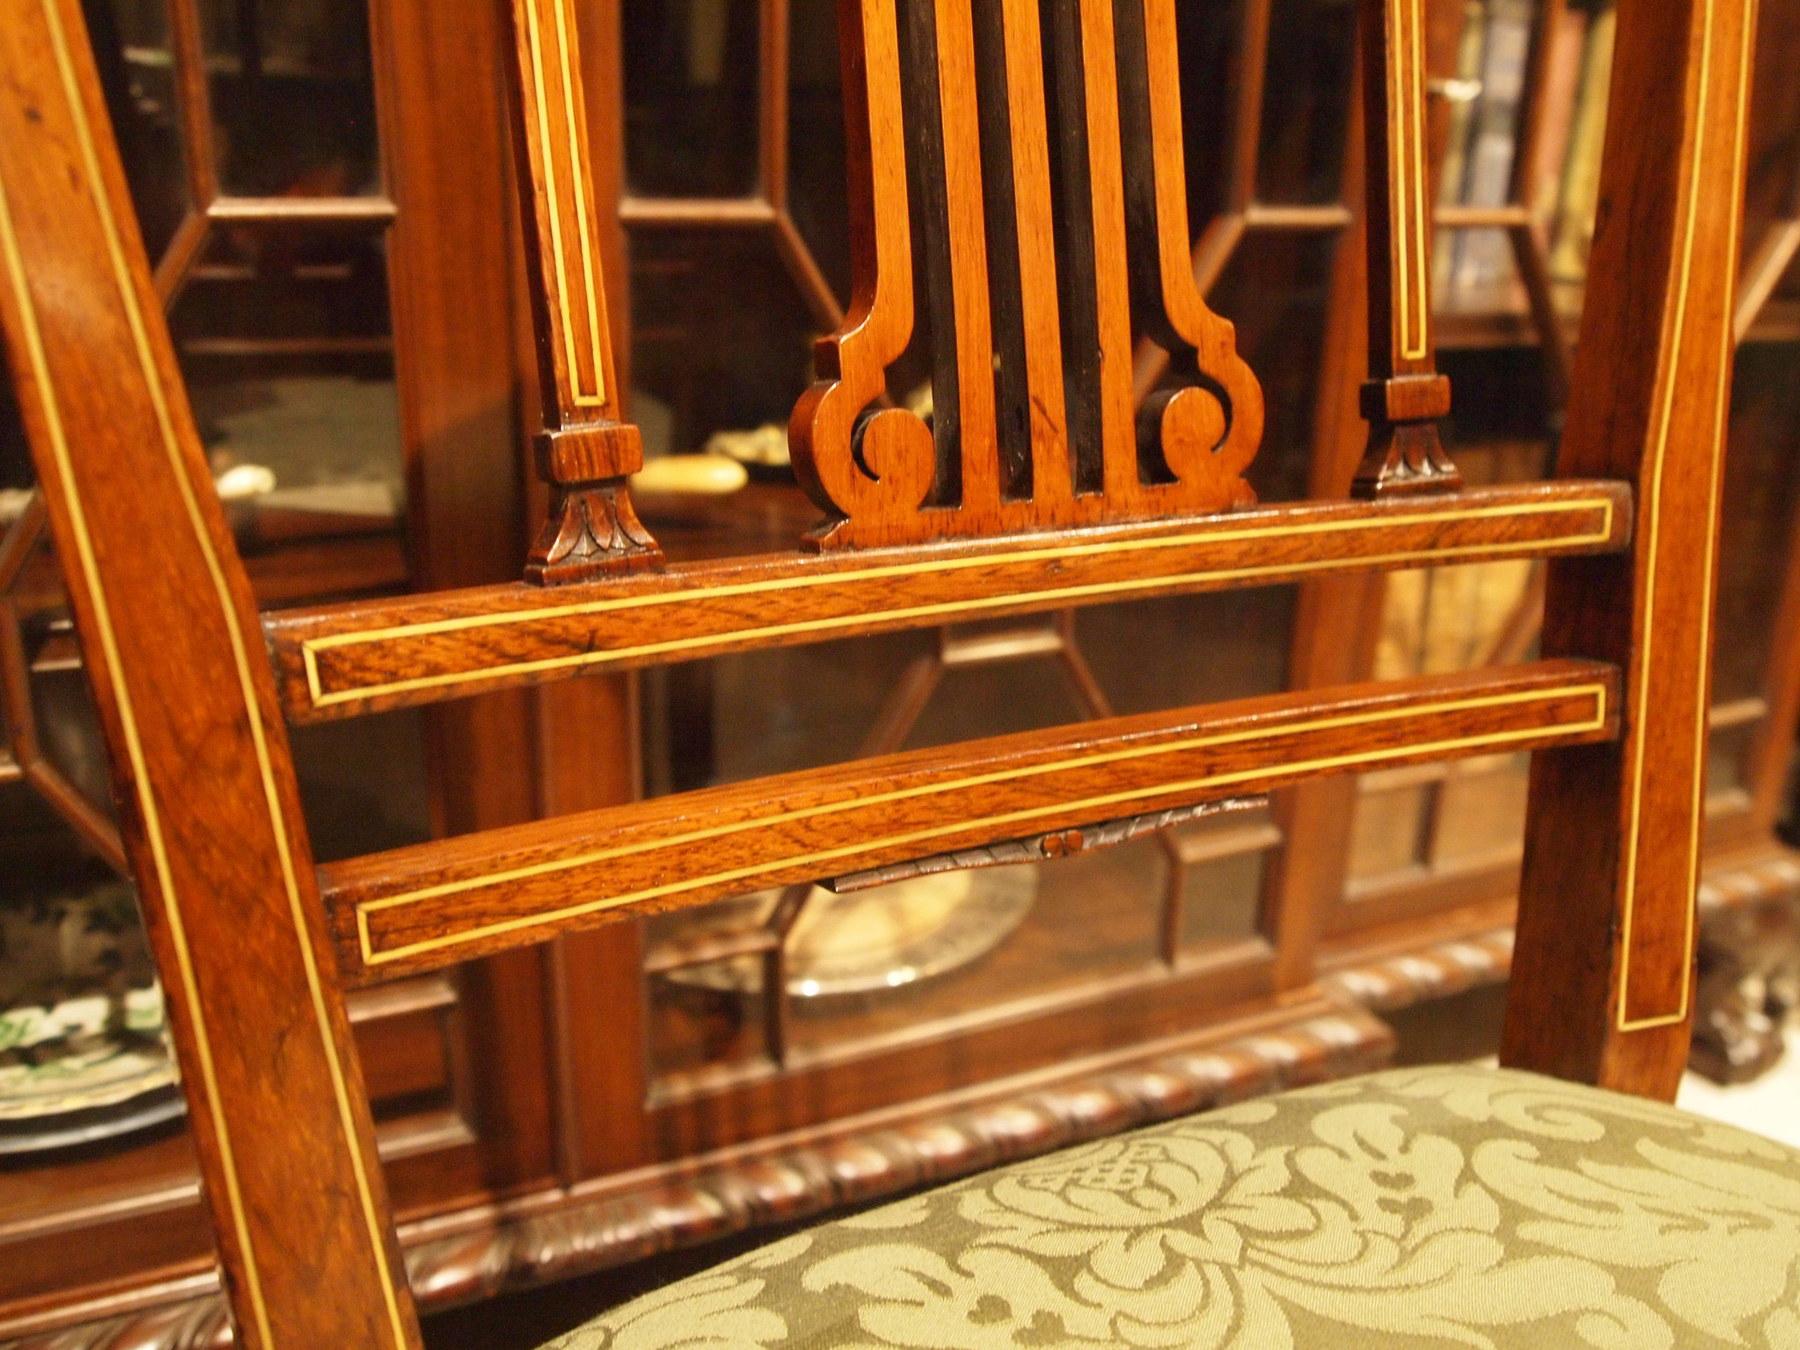 chair201226_07.JPG